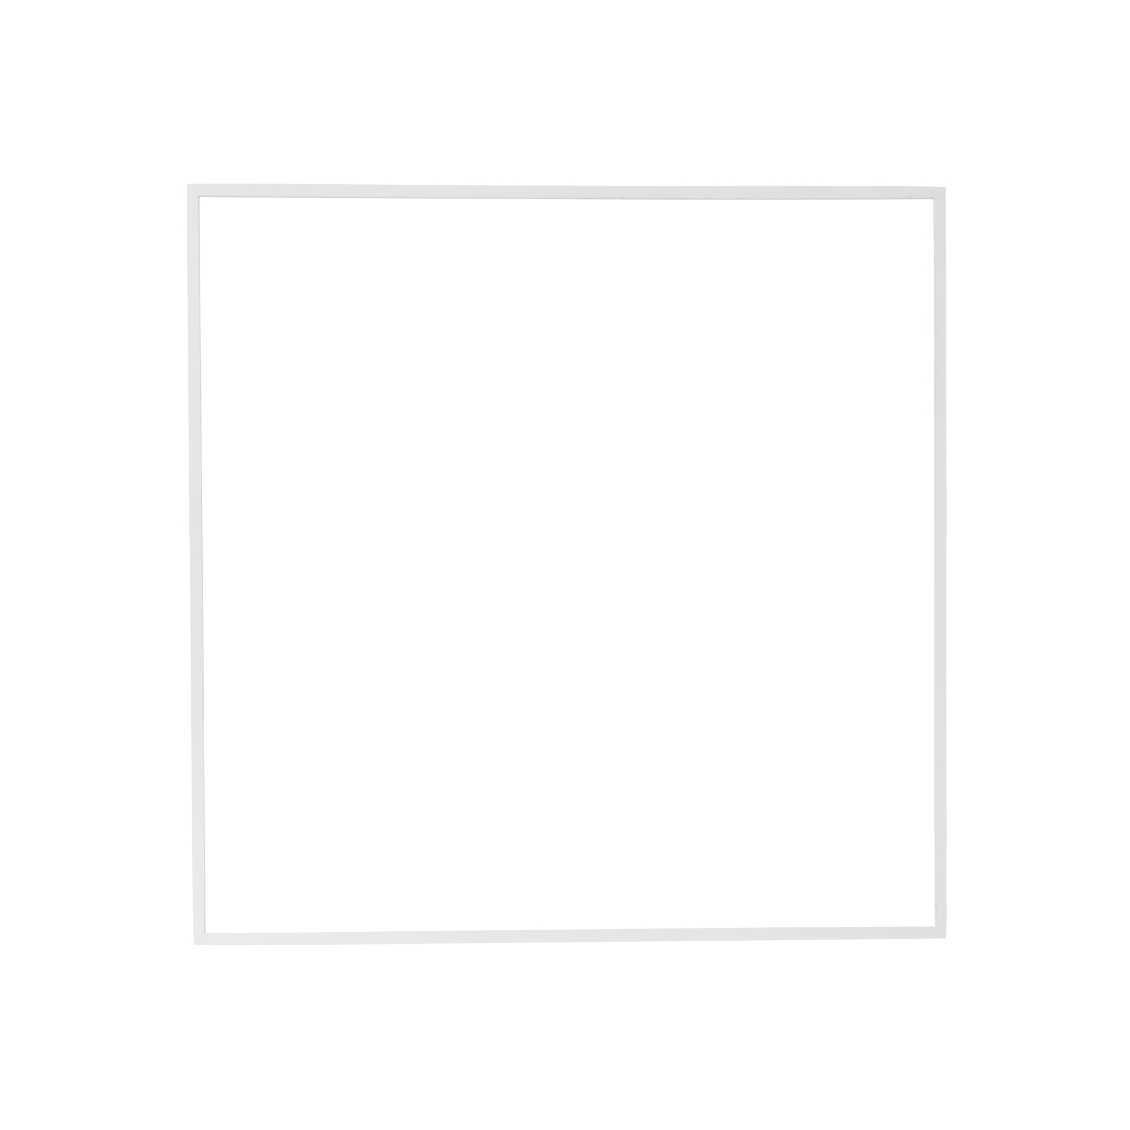 Op zoek naar Default Category > SALE? Hier vind je Menu Design Still Frame Wanddecoratie snel en voordelig bezorgd